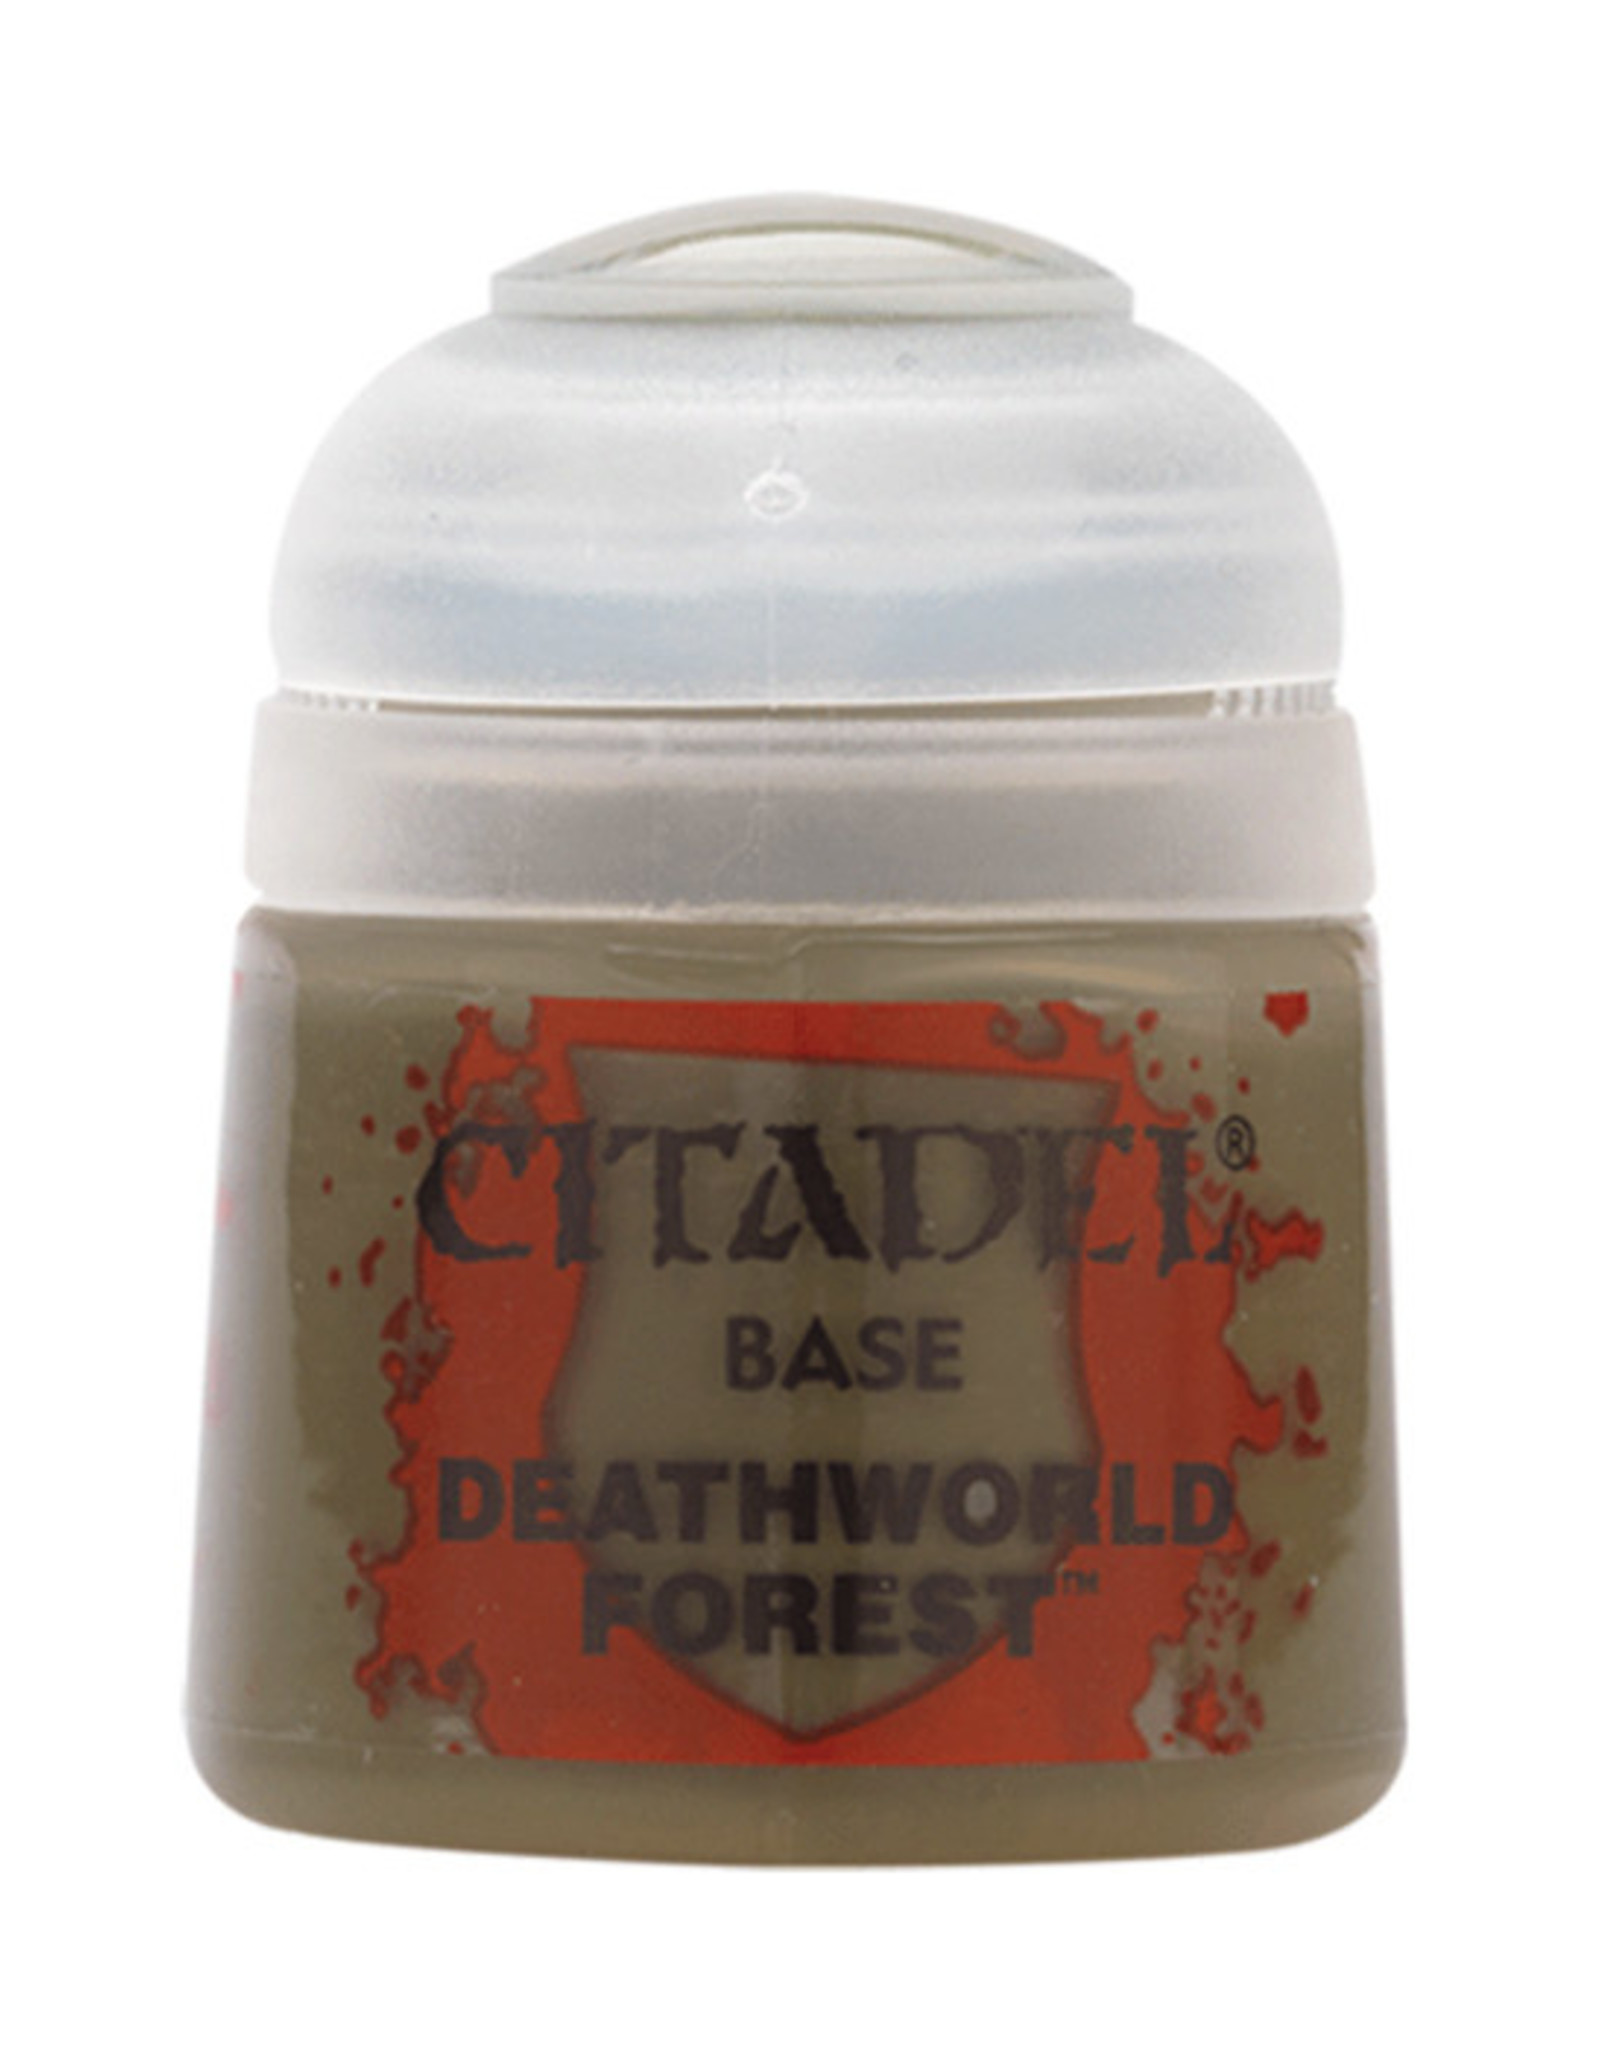 Citadel Citadel Colour: Base - Death World Forest